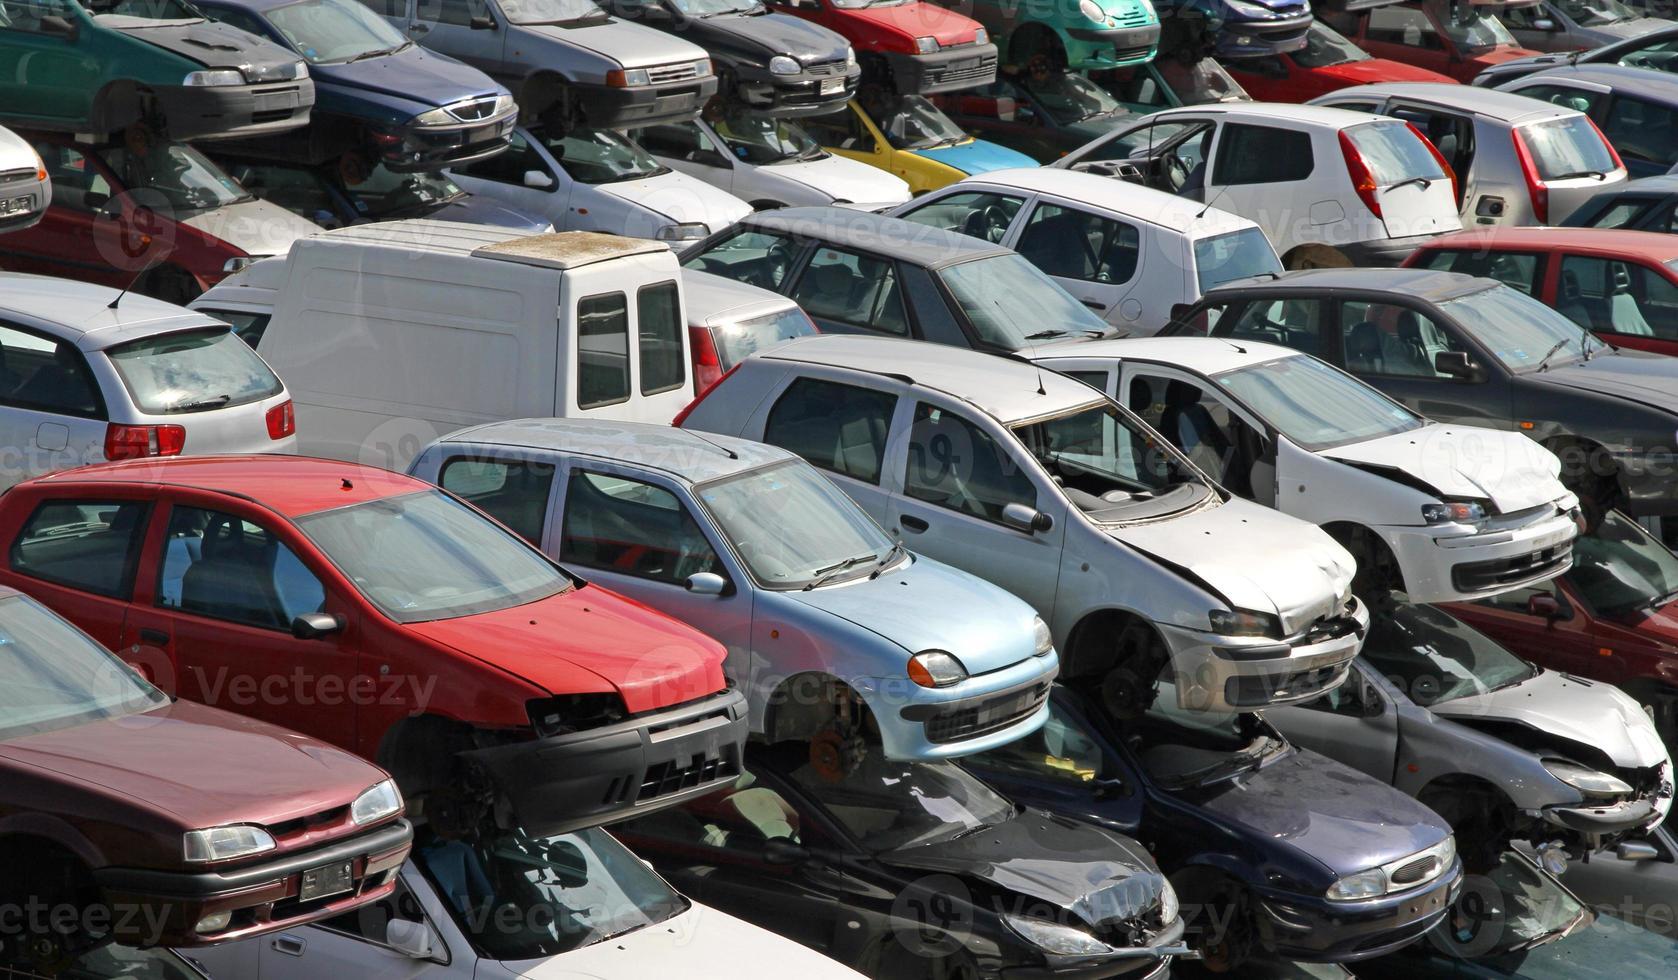 automóviles destruidos y dañados en la demolición de automóviles foto